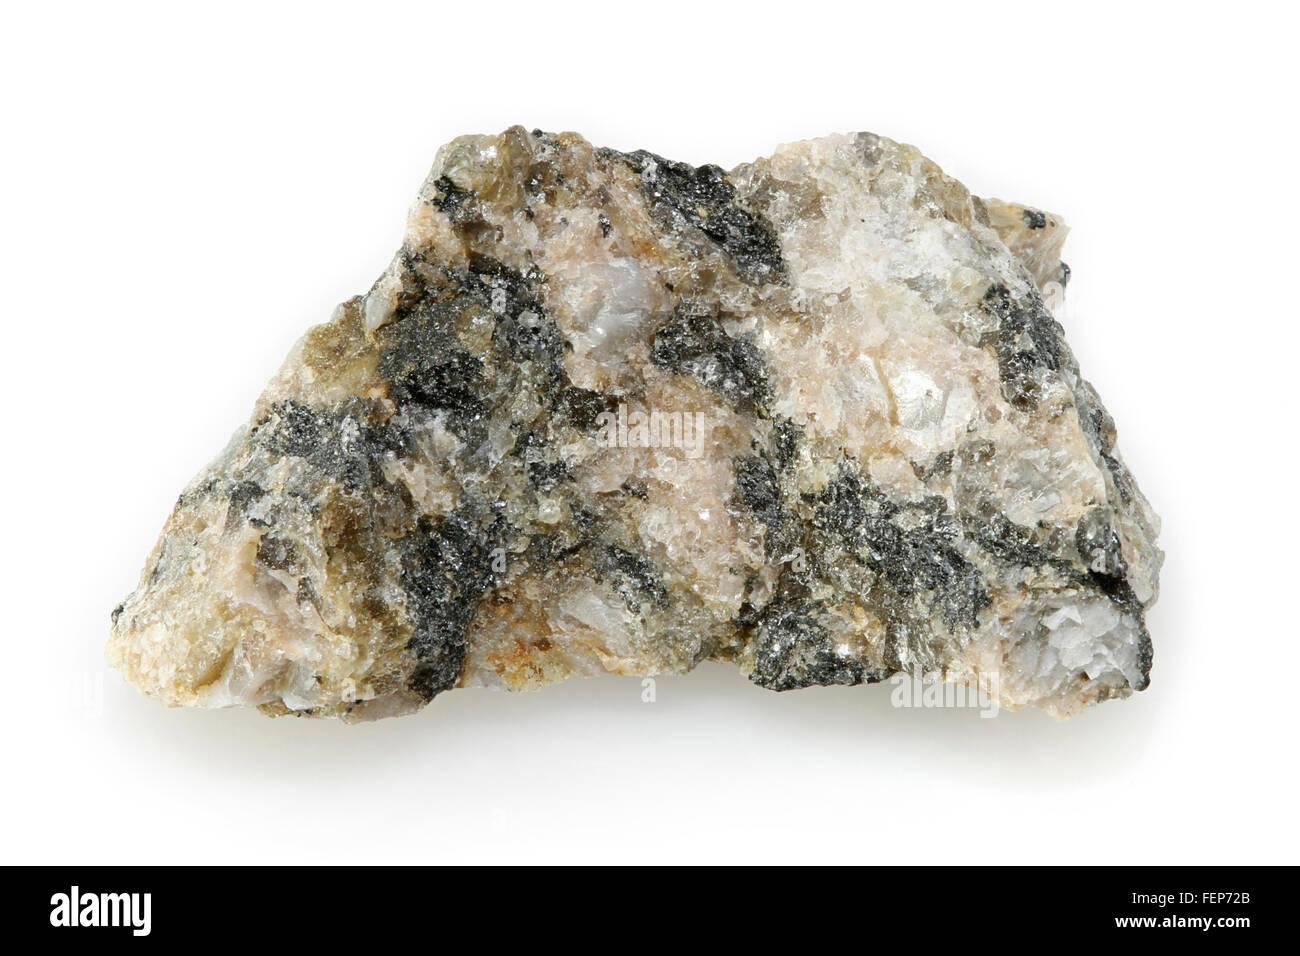 Granite, Igneous Plutonic Rock, Quebec, Canada - Stock Image